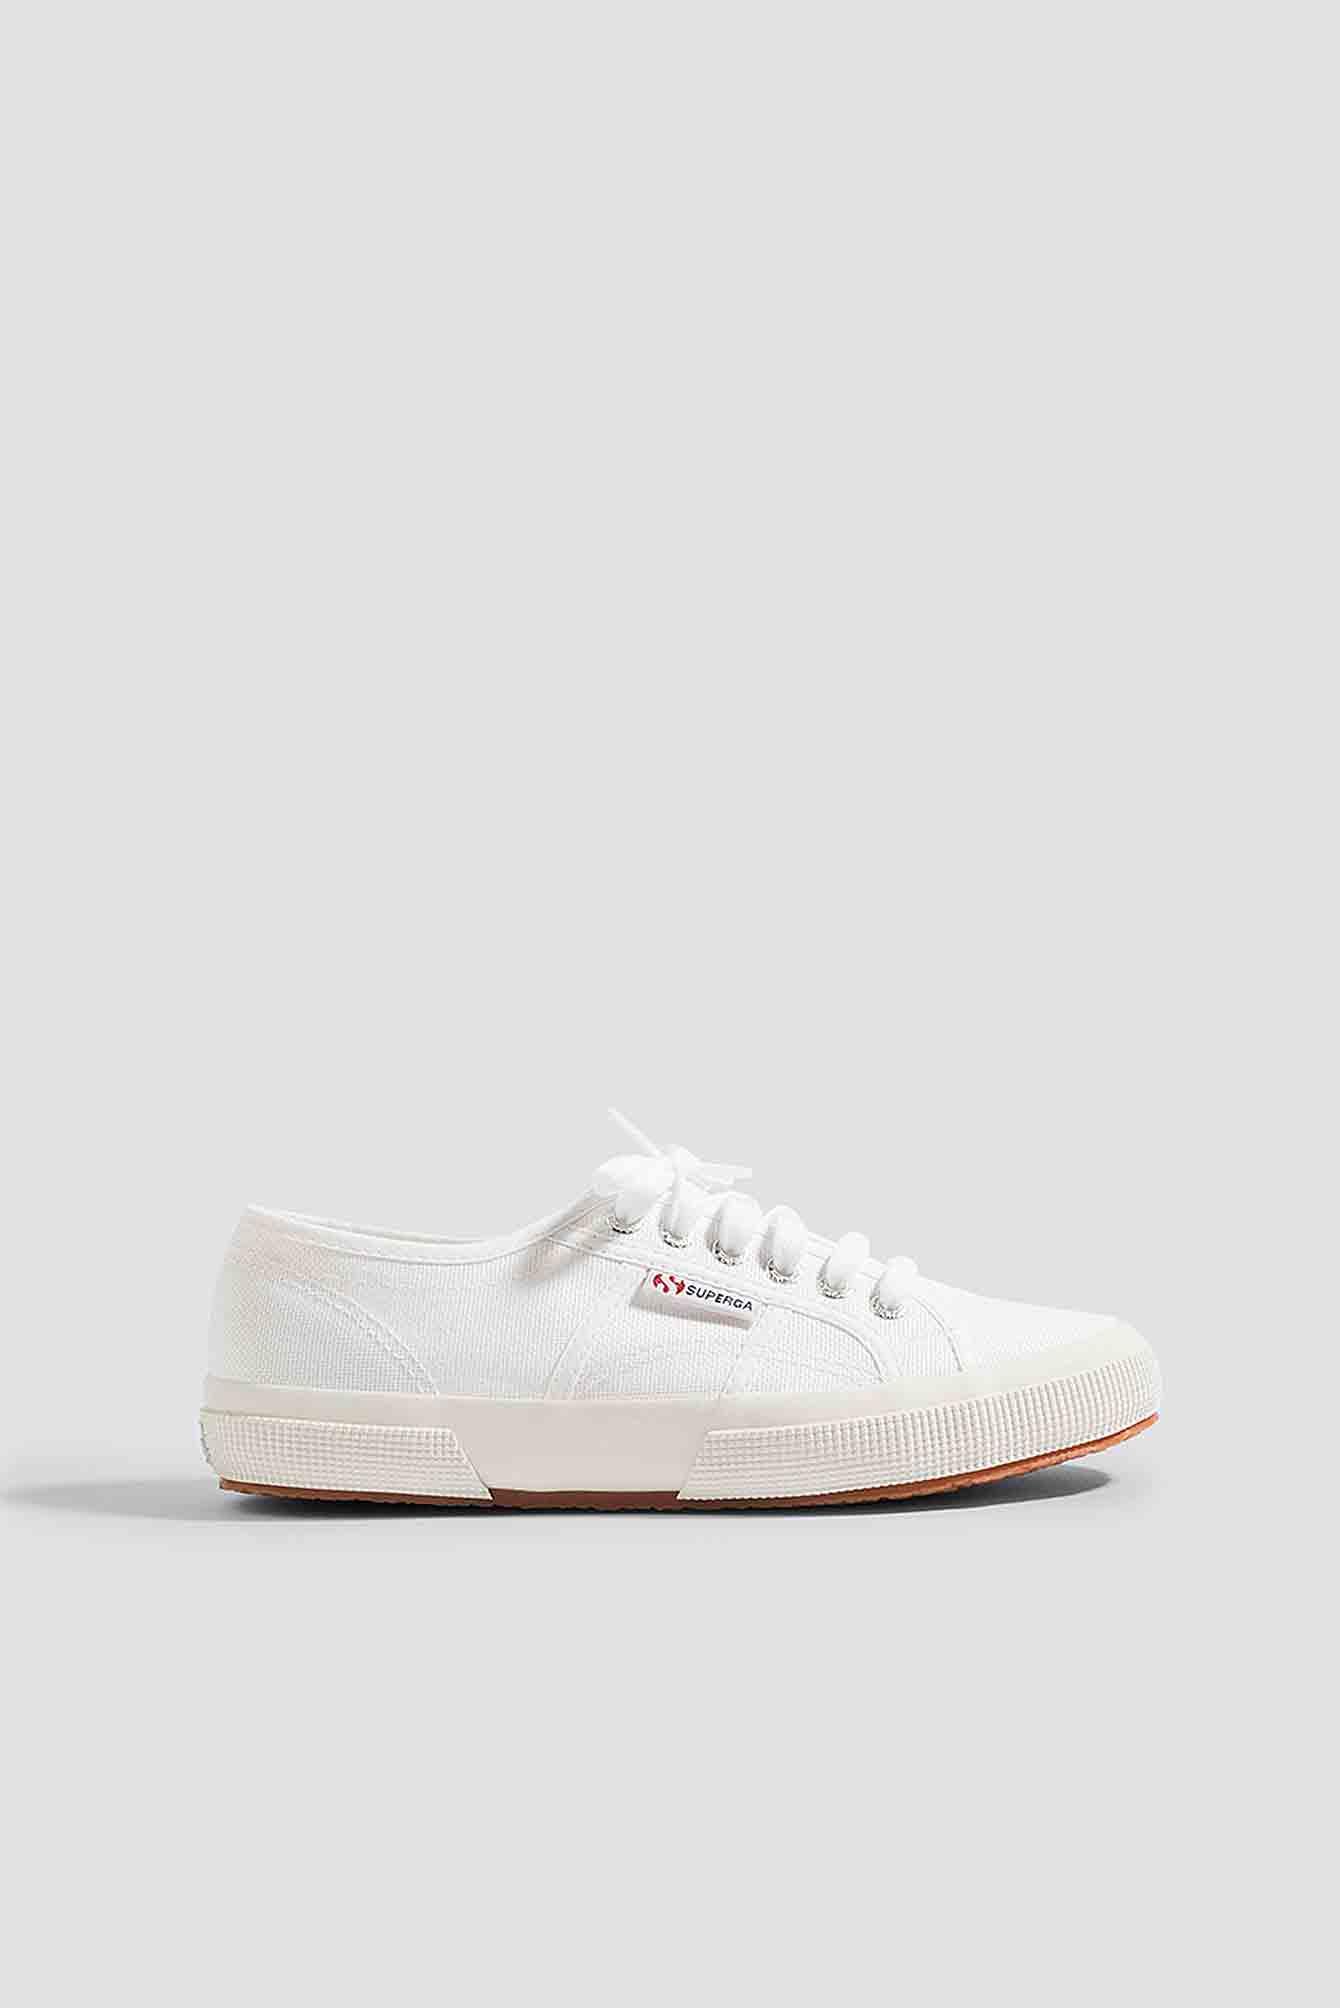 Superga Märkessneakers - White